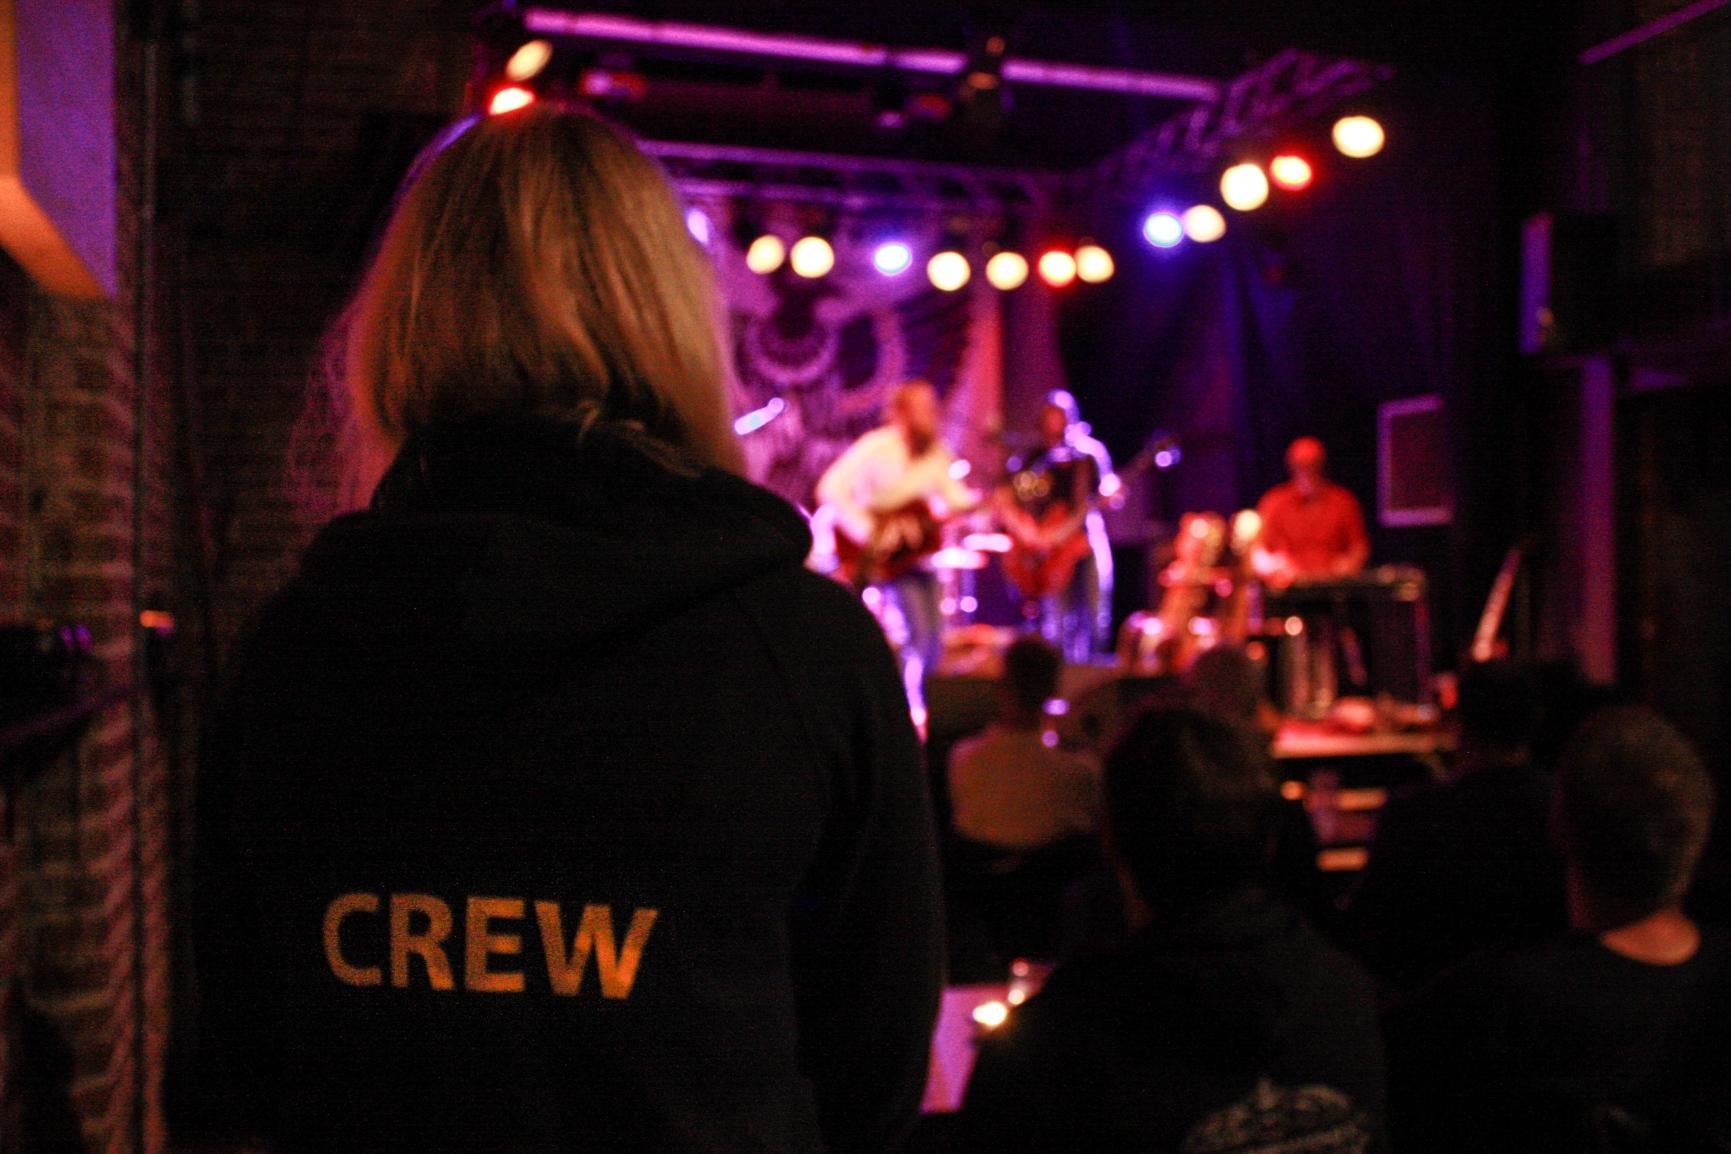 Crew: